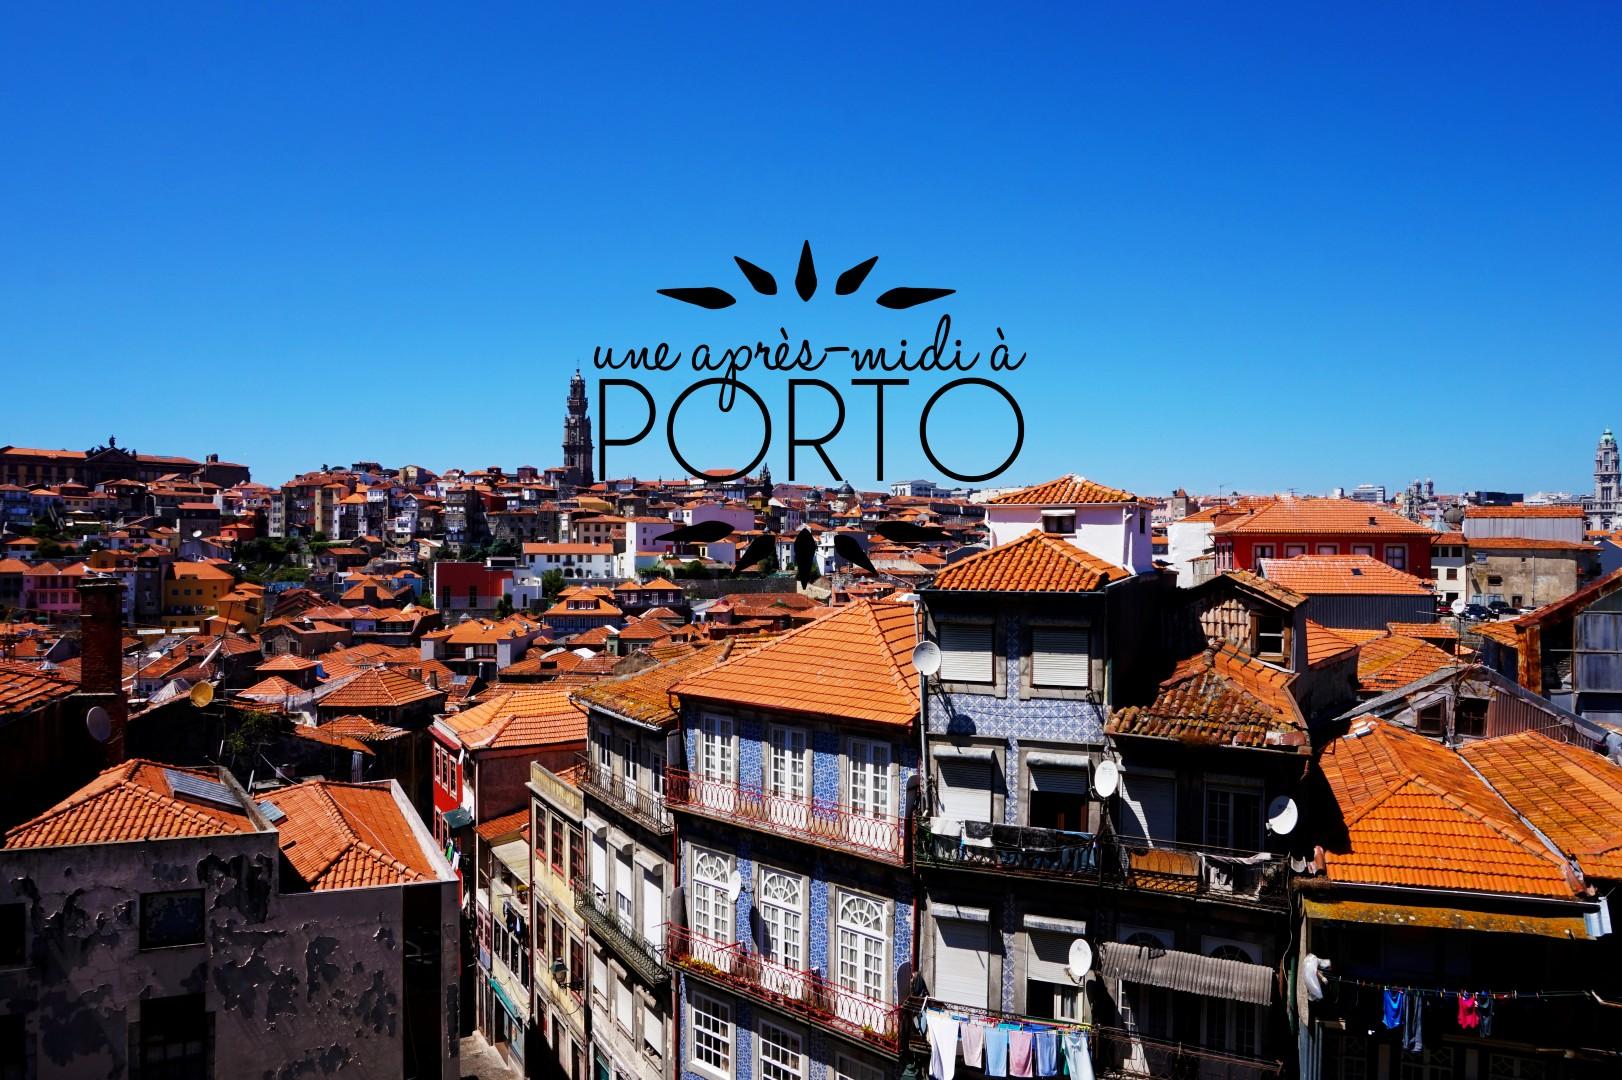 20150921_porto (Large)